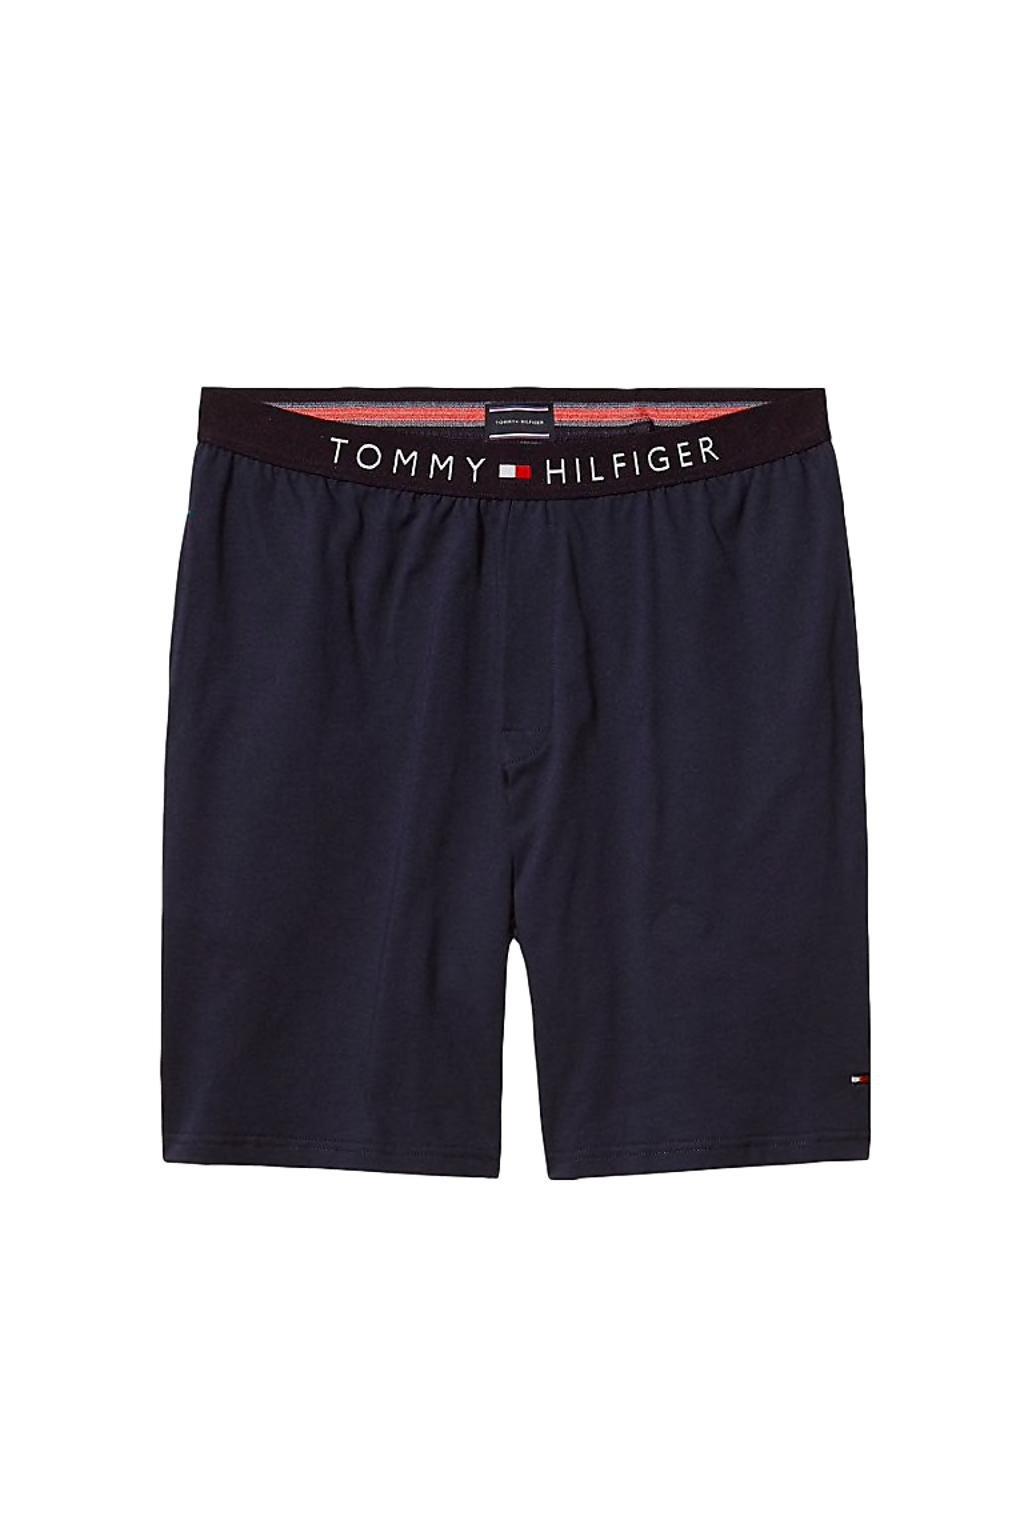 Tommy Hilfiger Cotton Šortky - tmavě modré